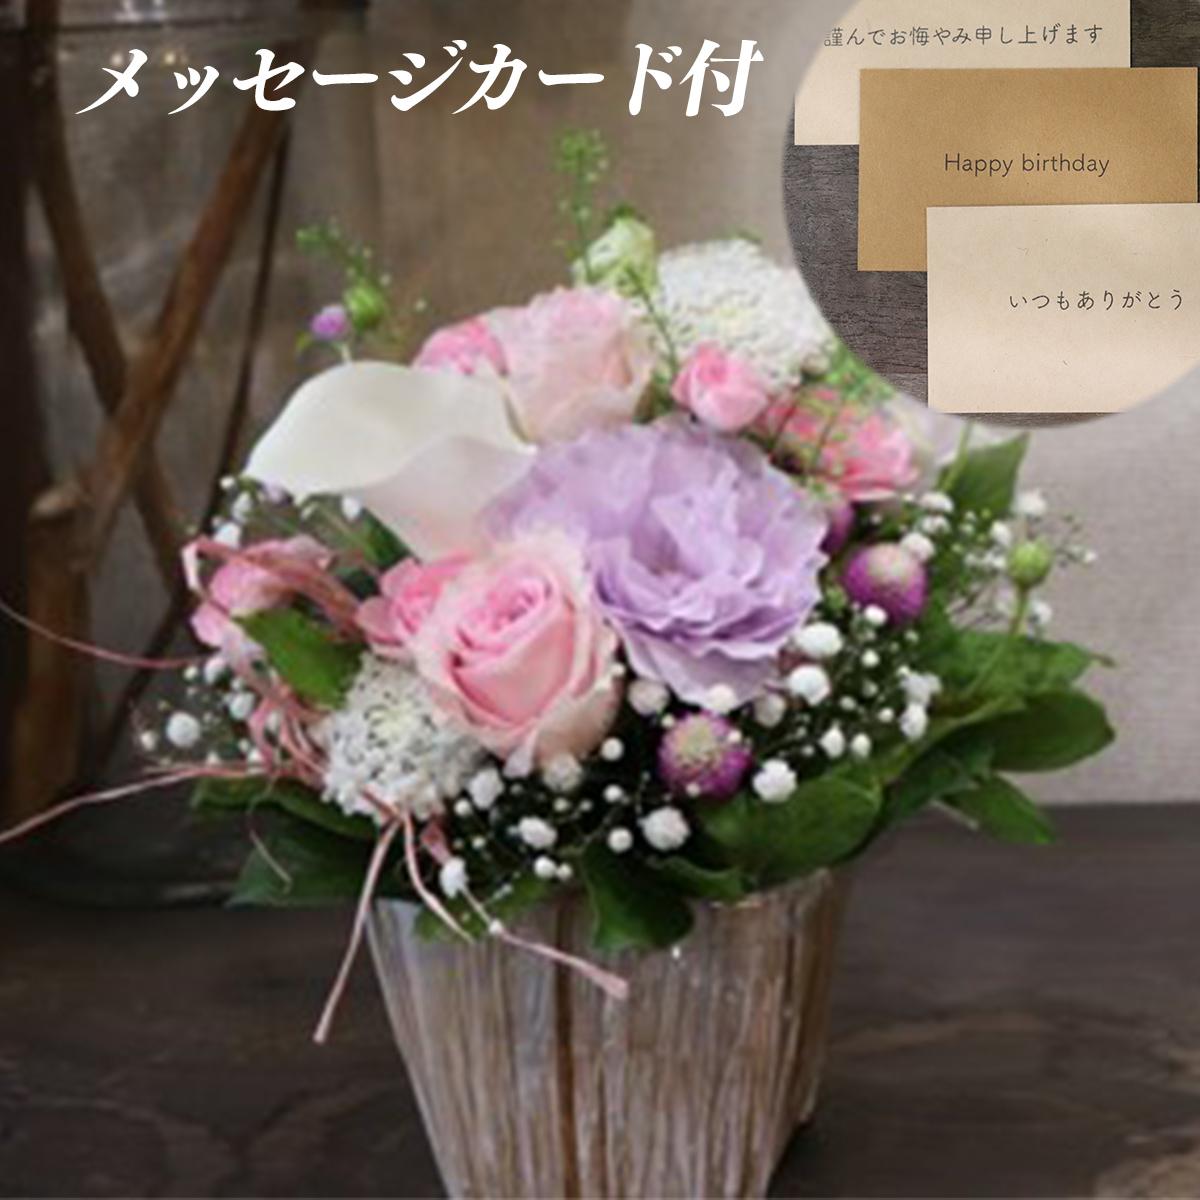 【ふるさと納税】季節のお花と名取産のお花を使ったフラワーアレンジ(感謝のメッセージカード付 )